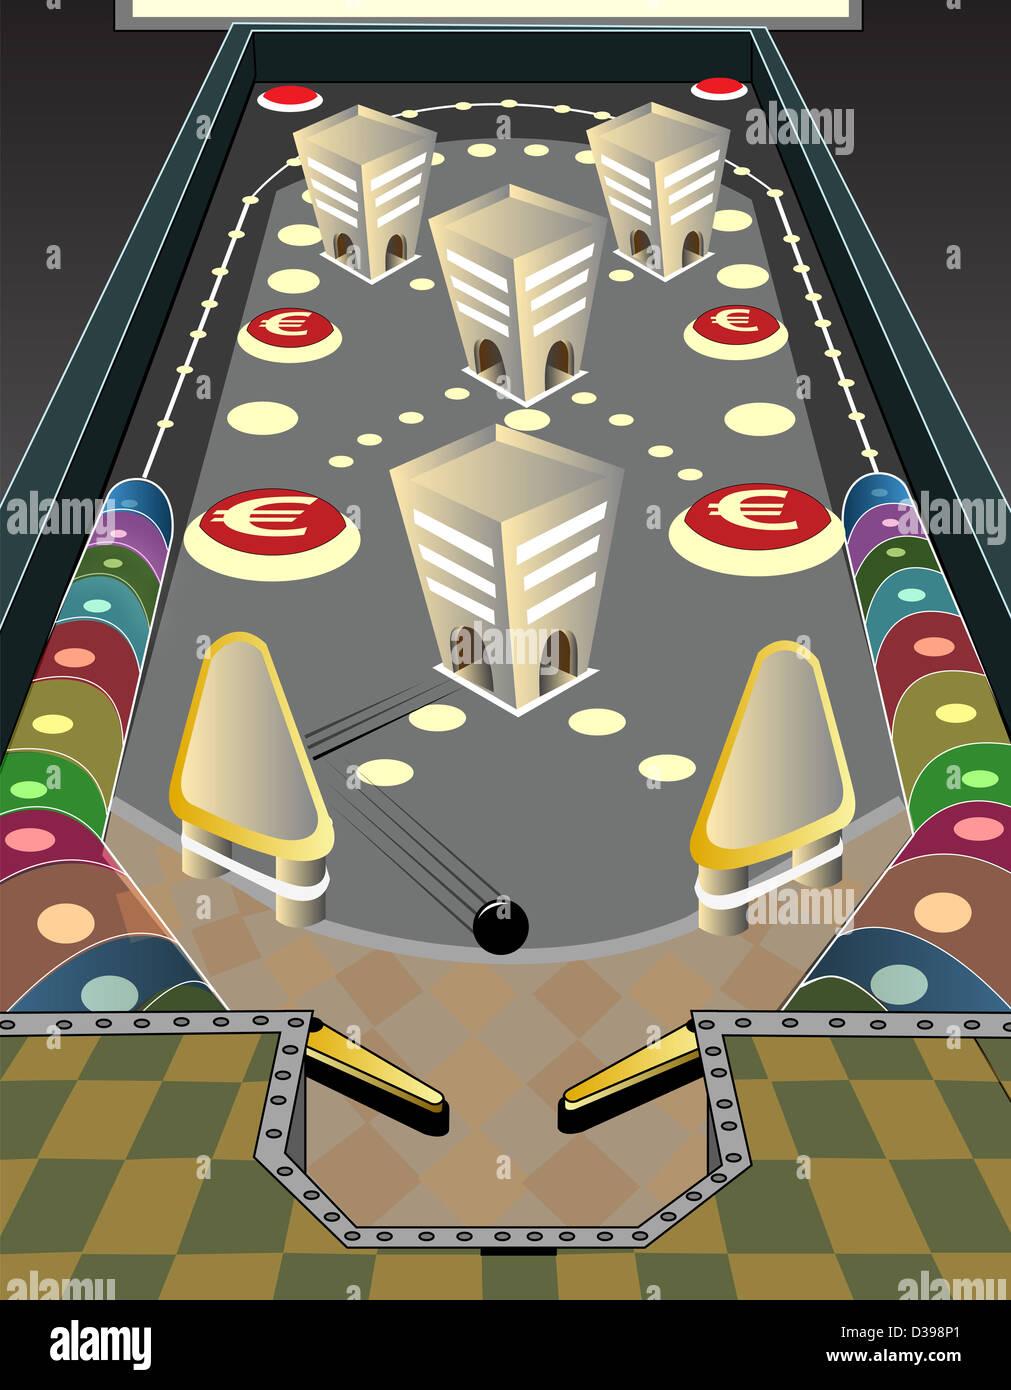 Spiel von Flipper mit Eurozeichen Darstellung das Konzept des Business gaming Stockbild